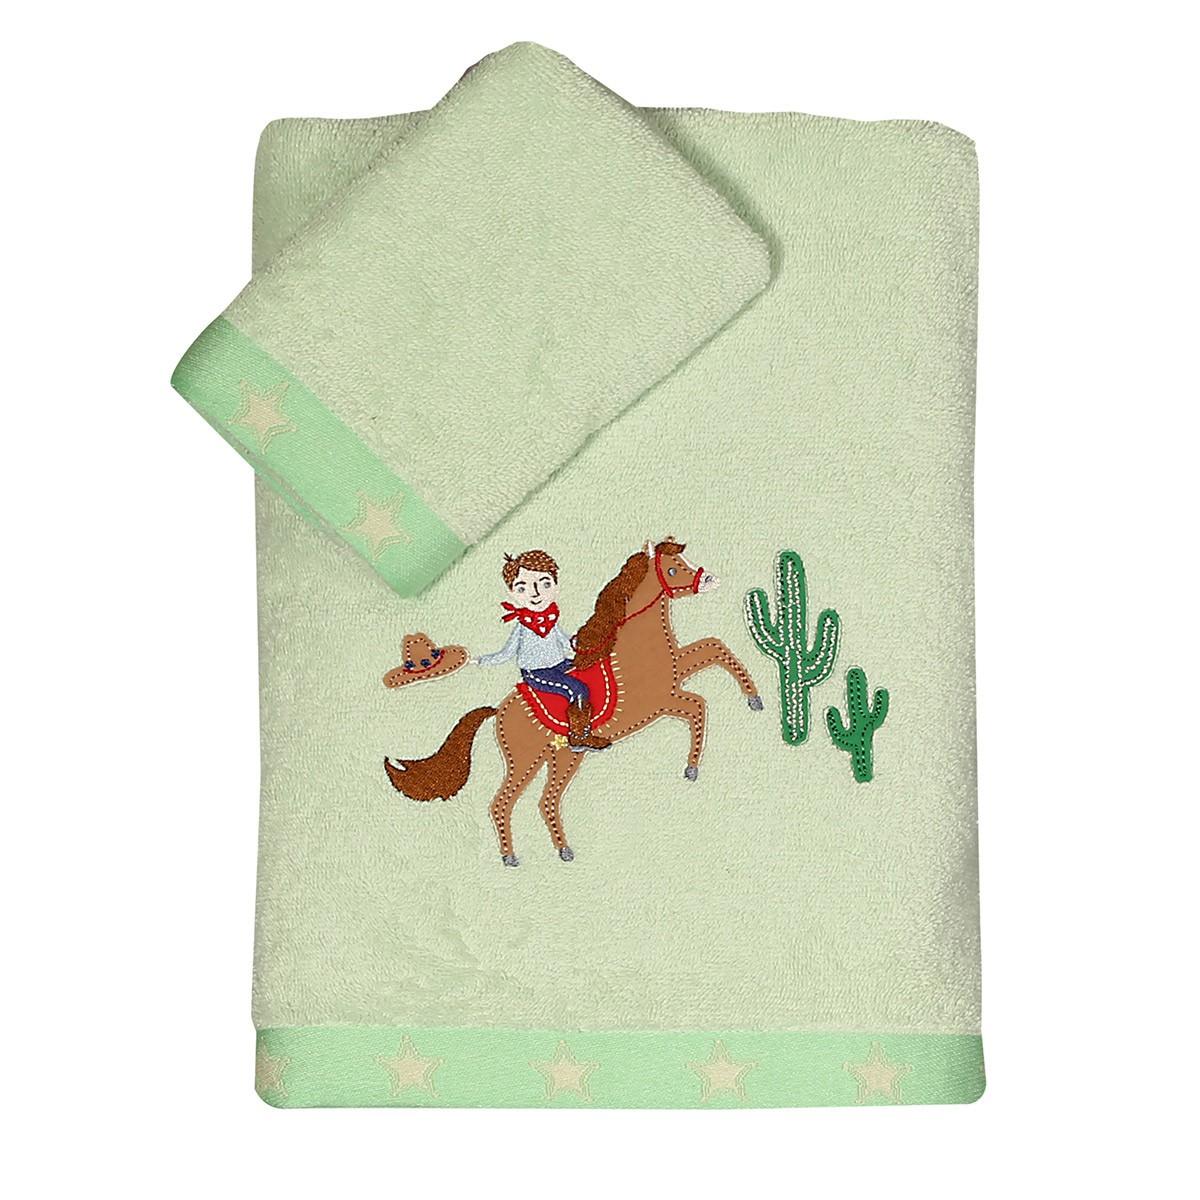 Παιδικές Πετσέτες (Σετ 2τμχ) Nef-Nef Kid Sherrif home   παιδικά   πετσέτες παιδικές